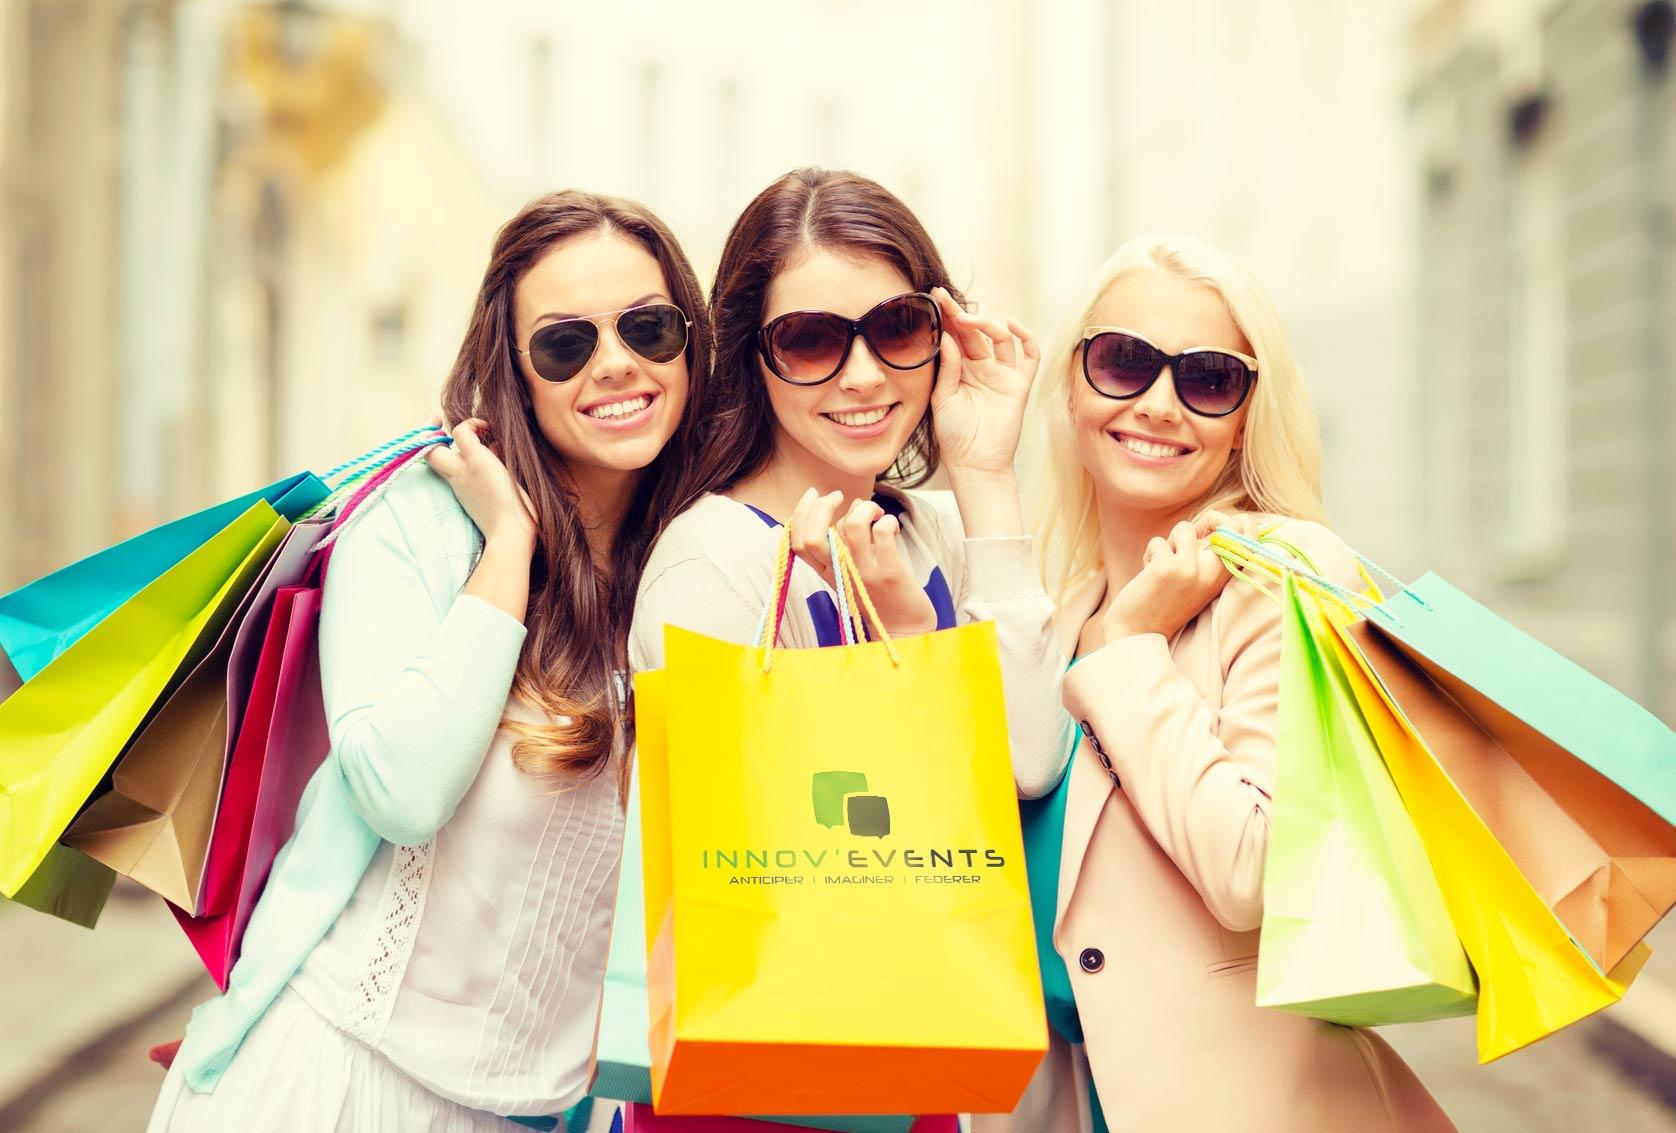 votre-action-en-boutique-etmagasin-avec-innov-events